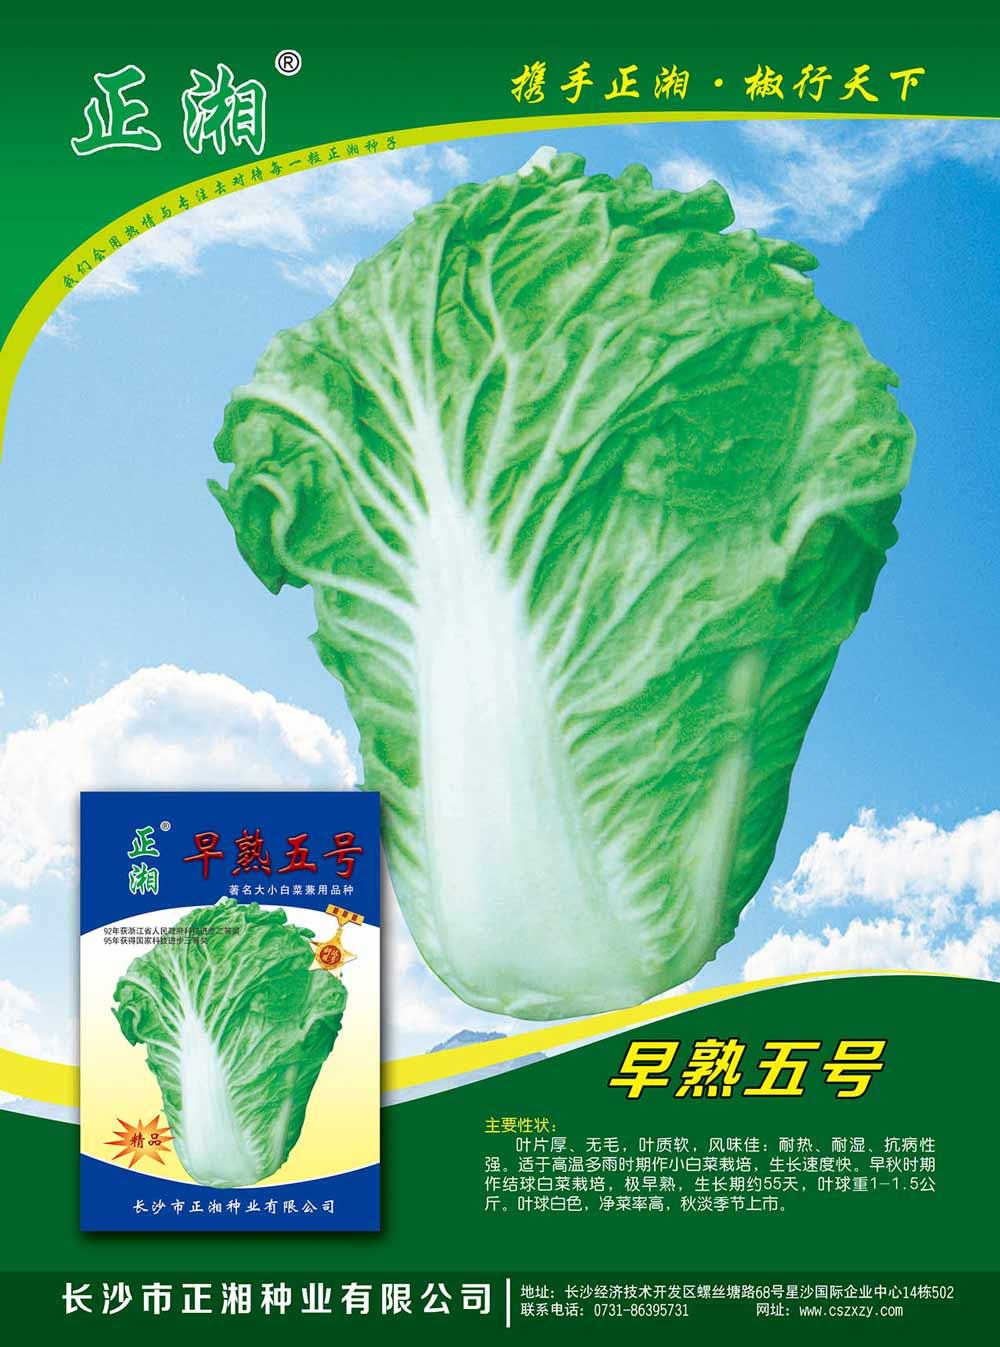 亚虎app网页版早熟5号白菜亚虎国际 唯一 官网